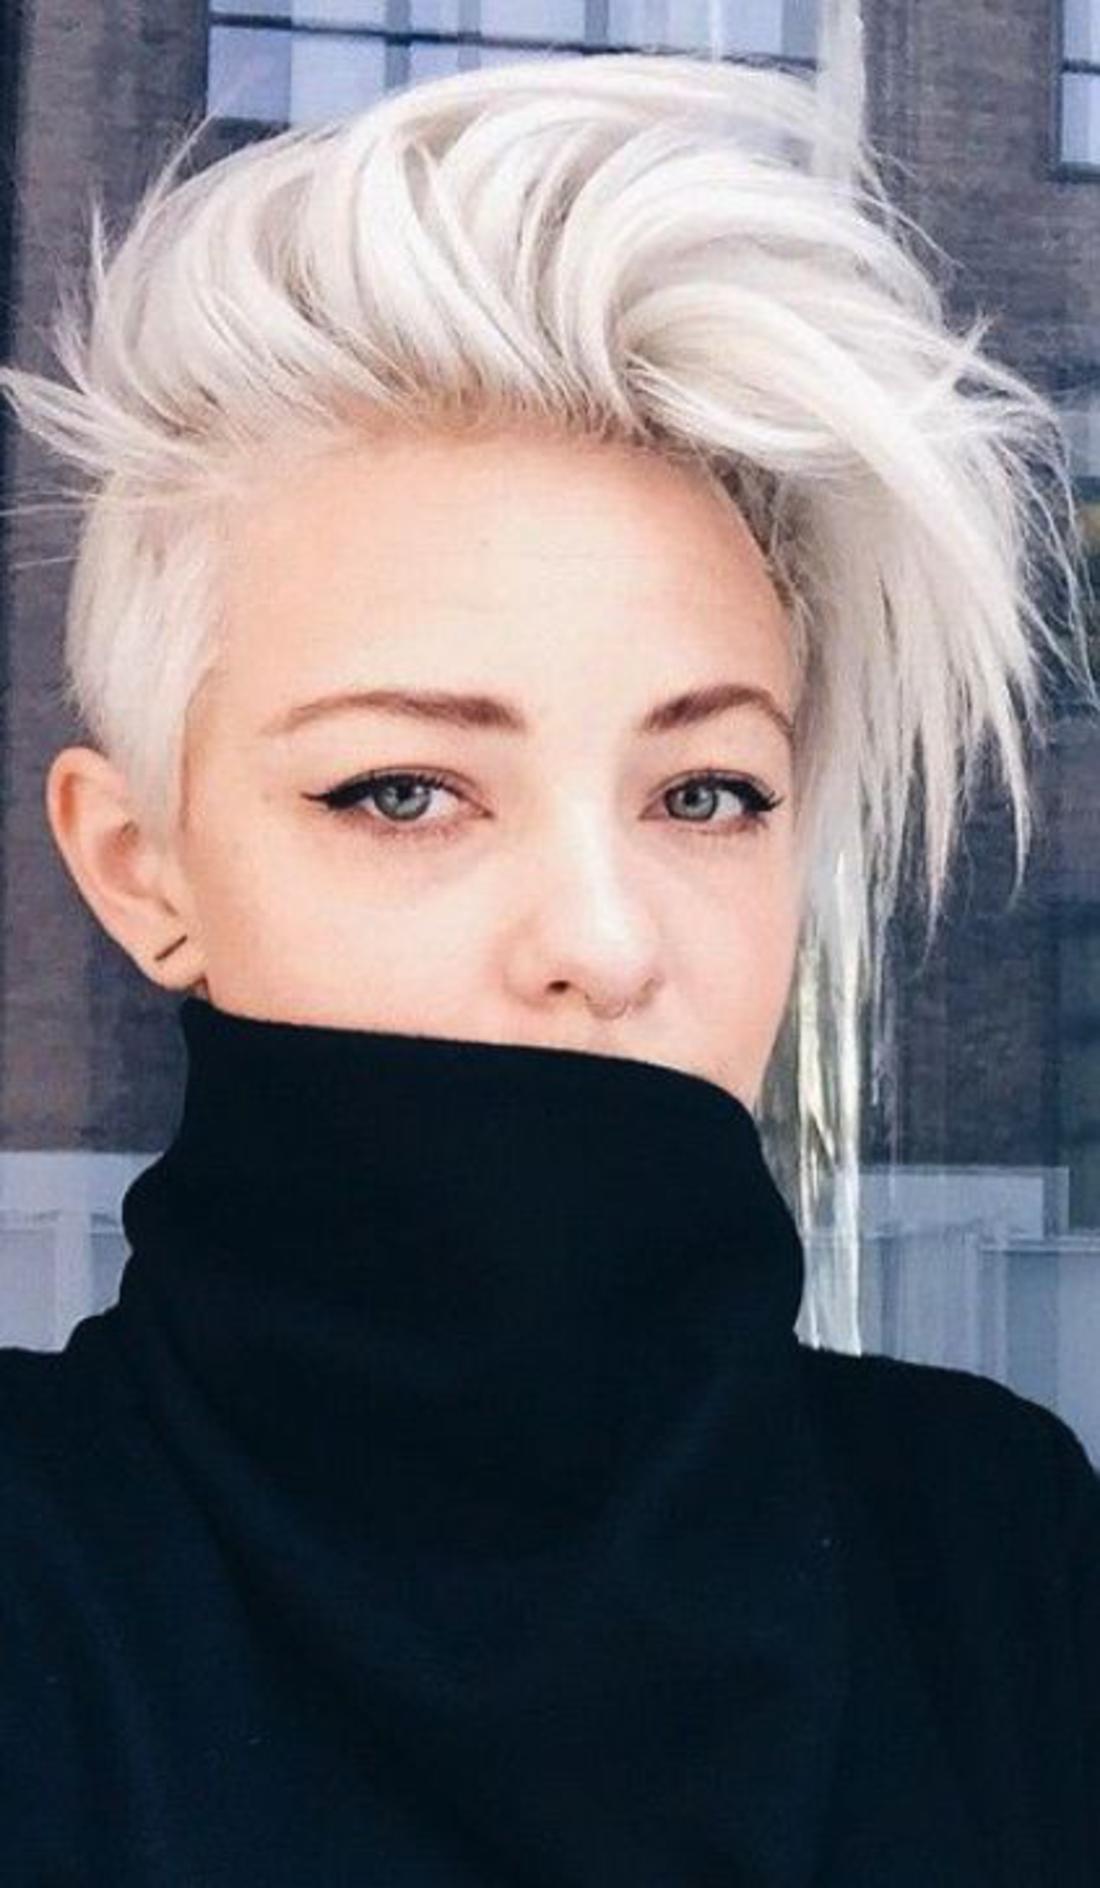 blonde Haare mit langem Pony das Gesicht ist hinter der Bluse versteckt - Kurzhaar Undercut